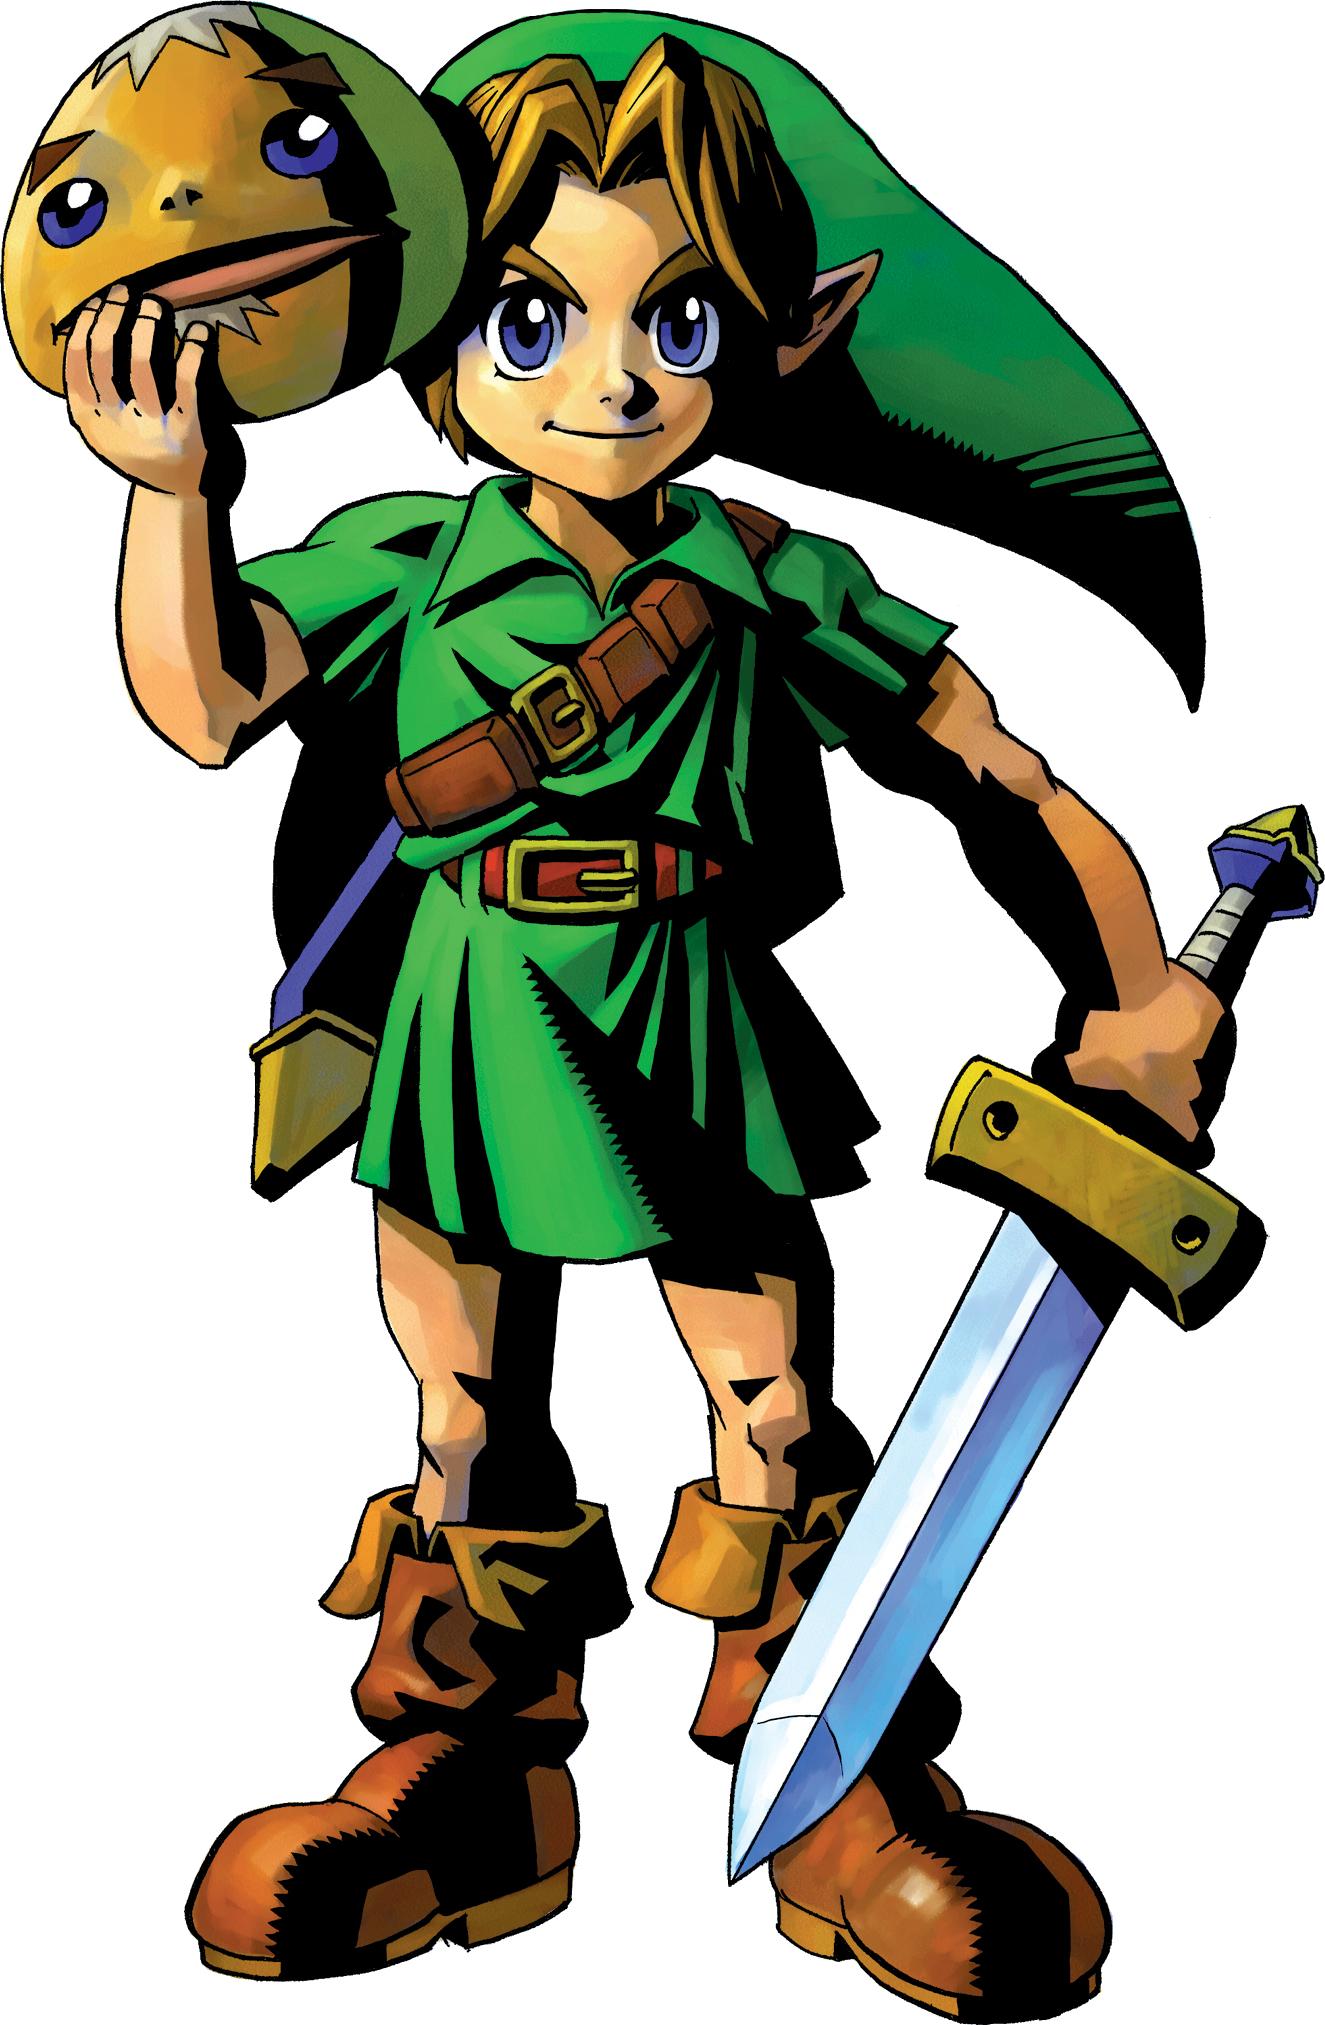 Image result for link majora's mask